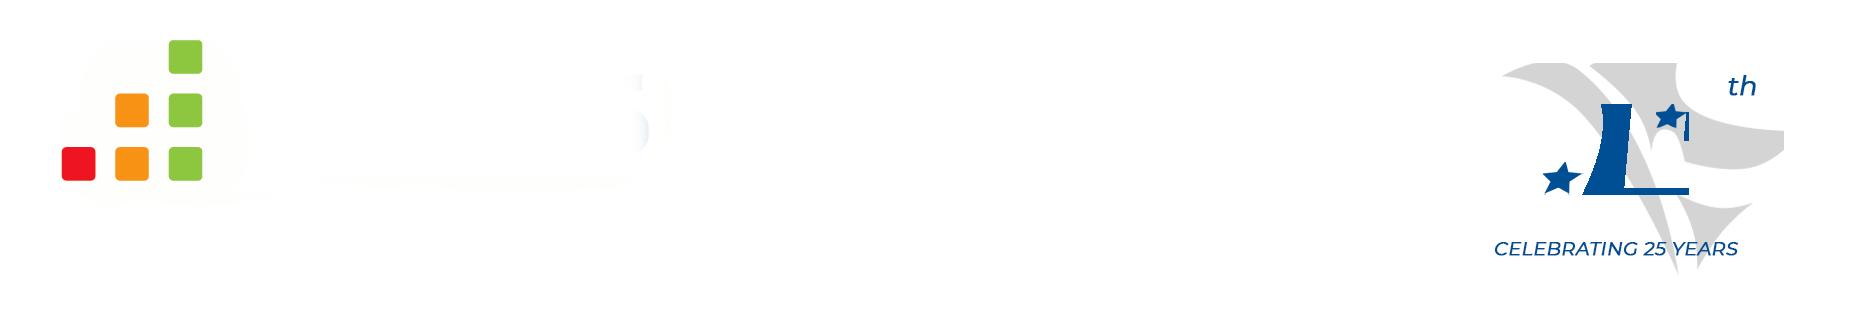 OSS Group Celbrating 25 Years v2.3 White